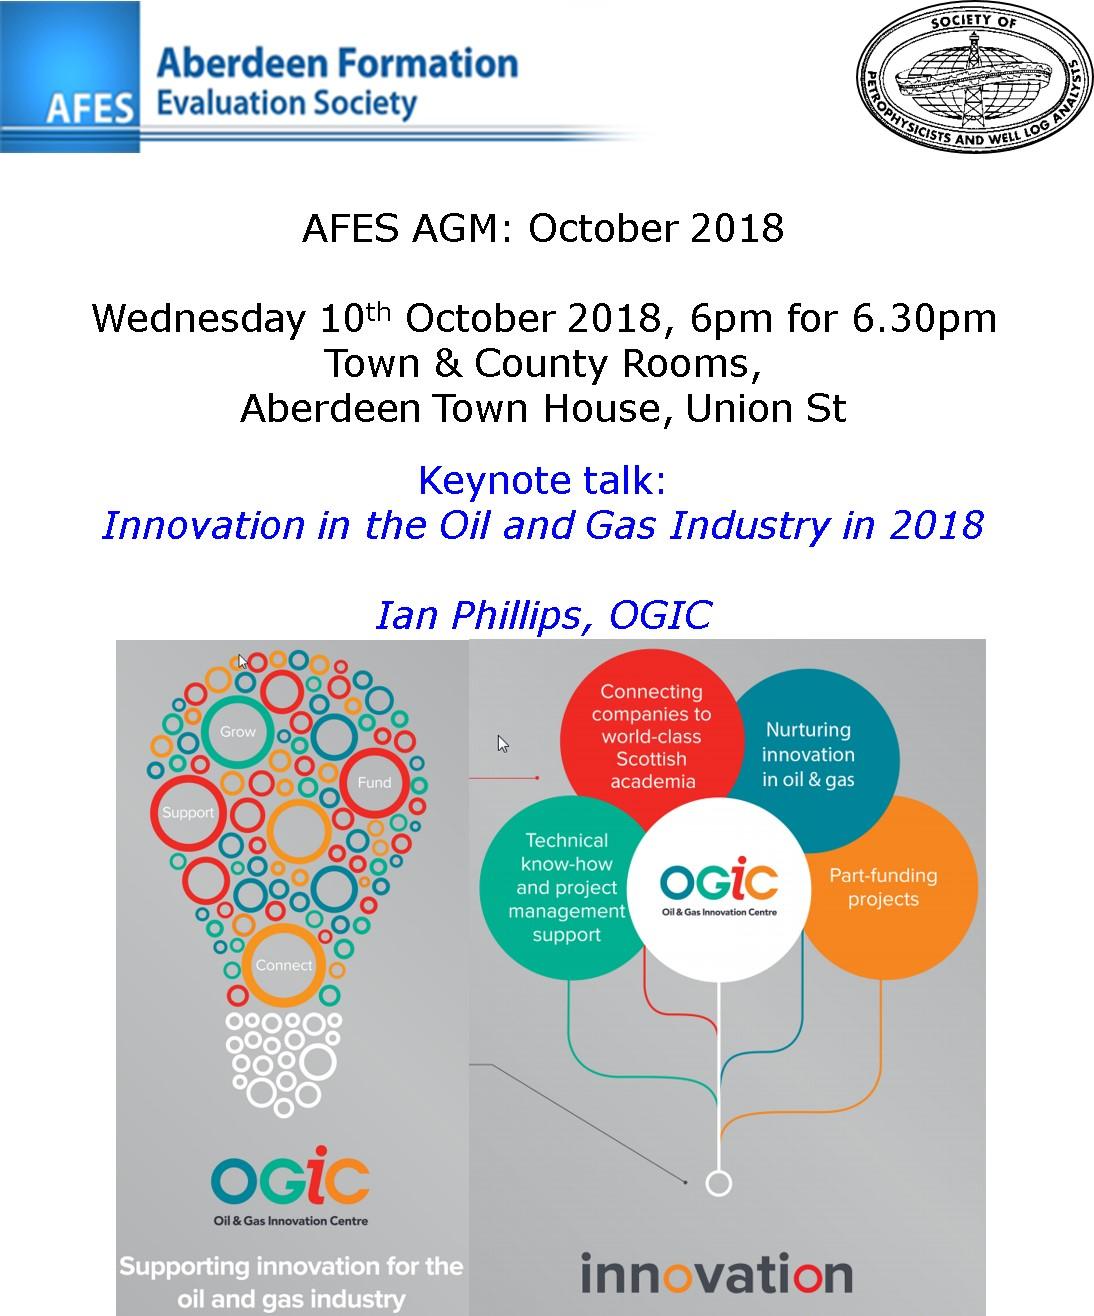 AFES AGM: October 2018